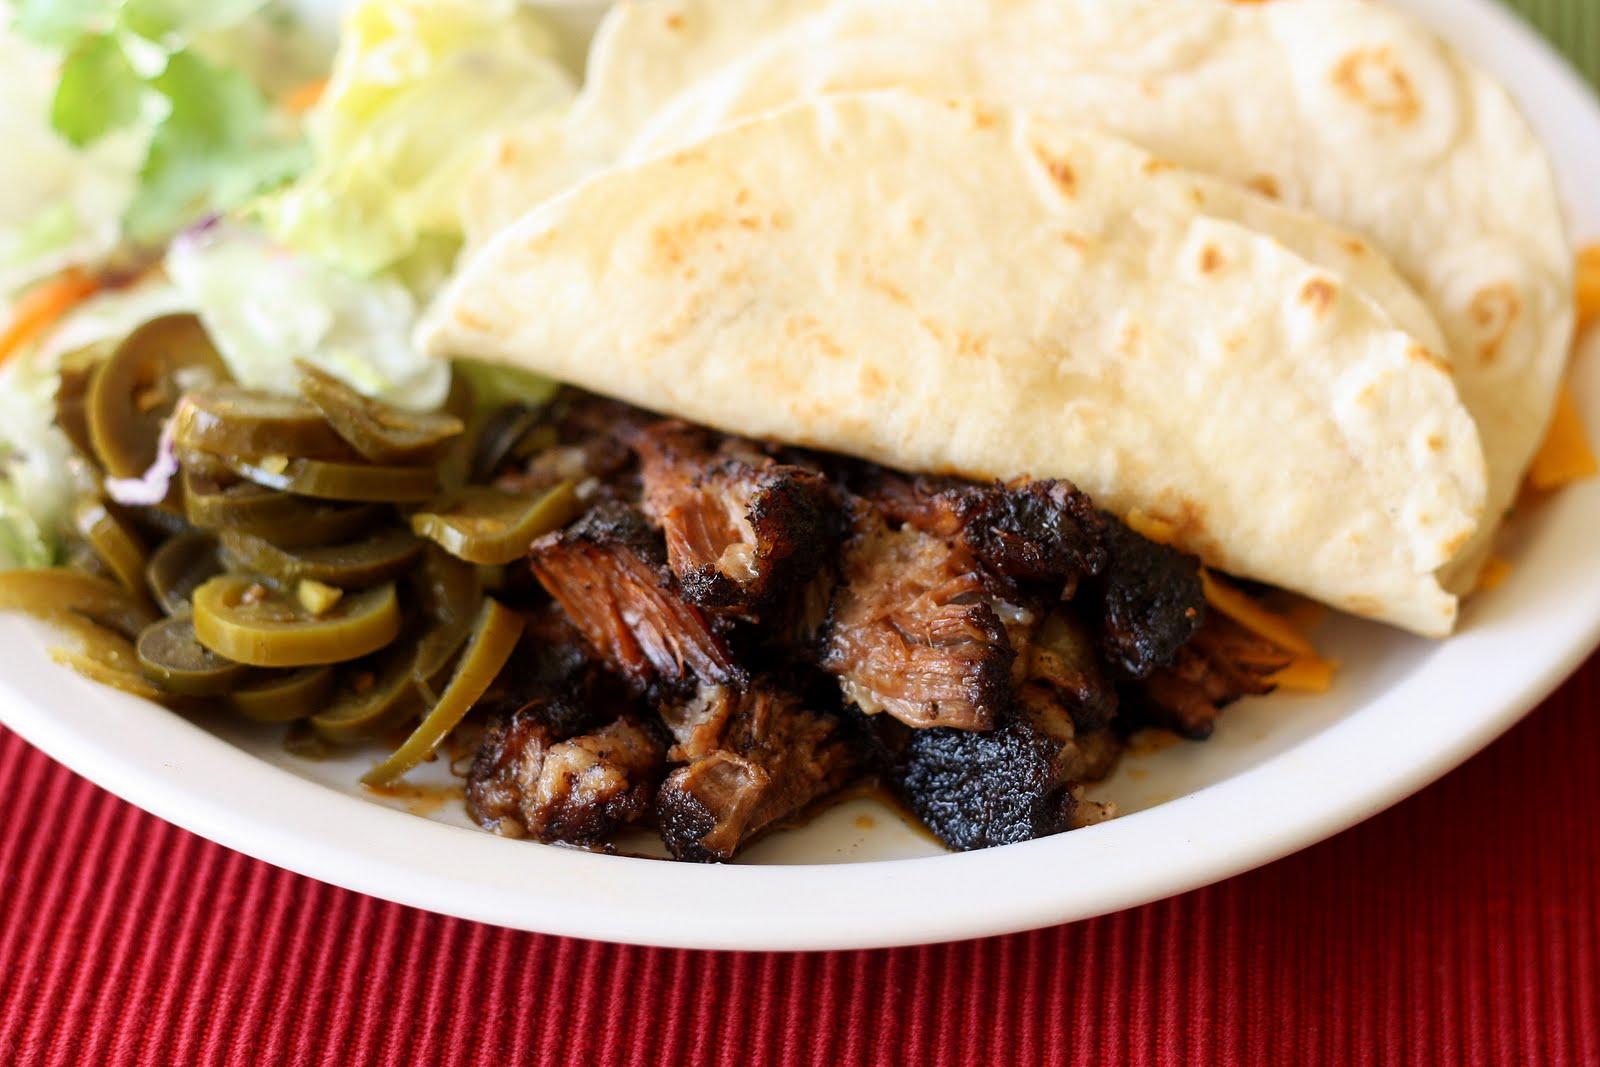 Mangio da Sola: Shredded Beef Tacos